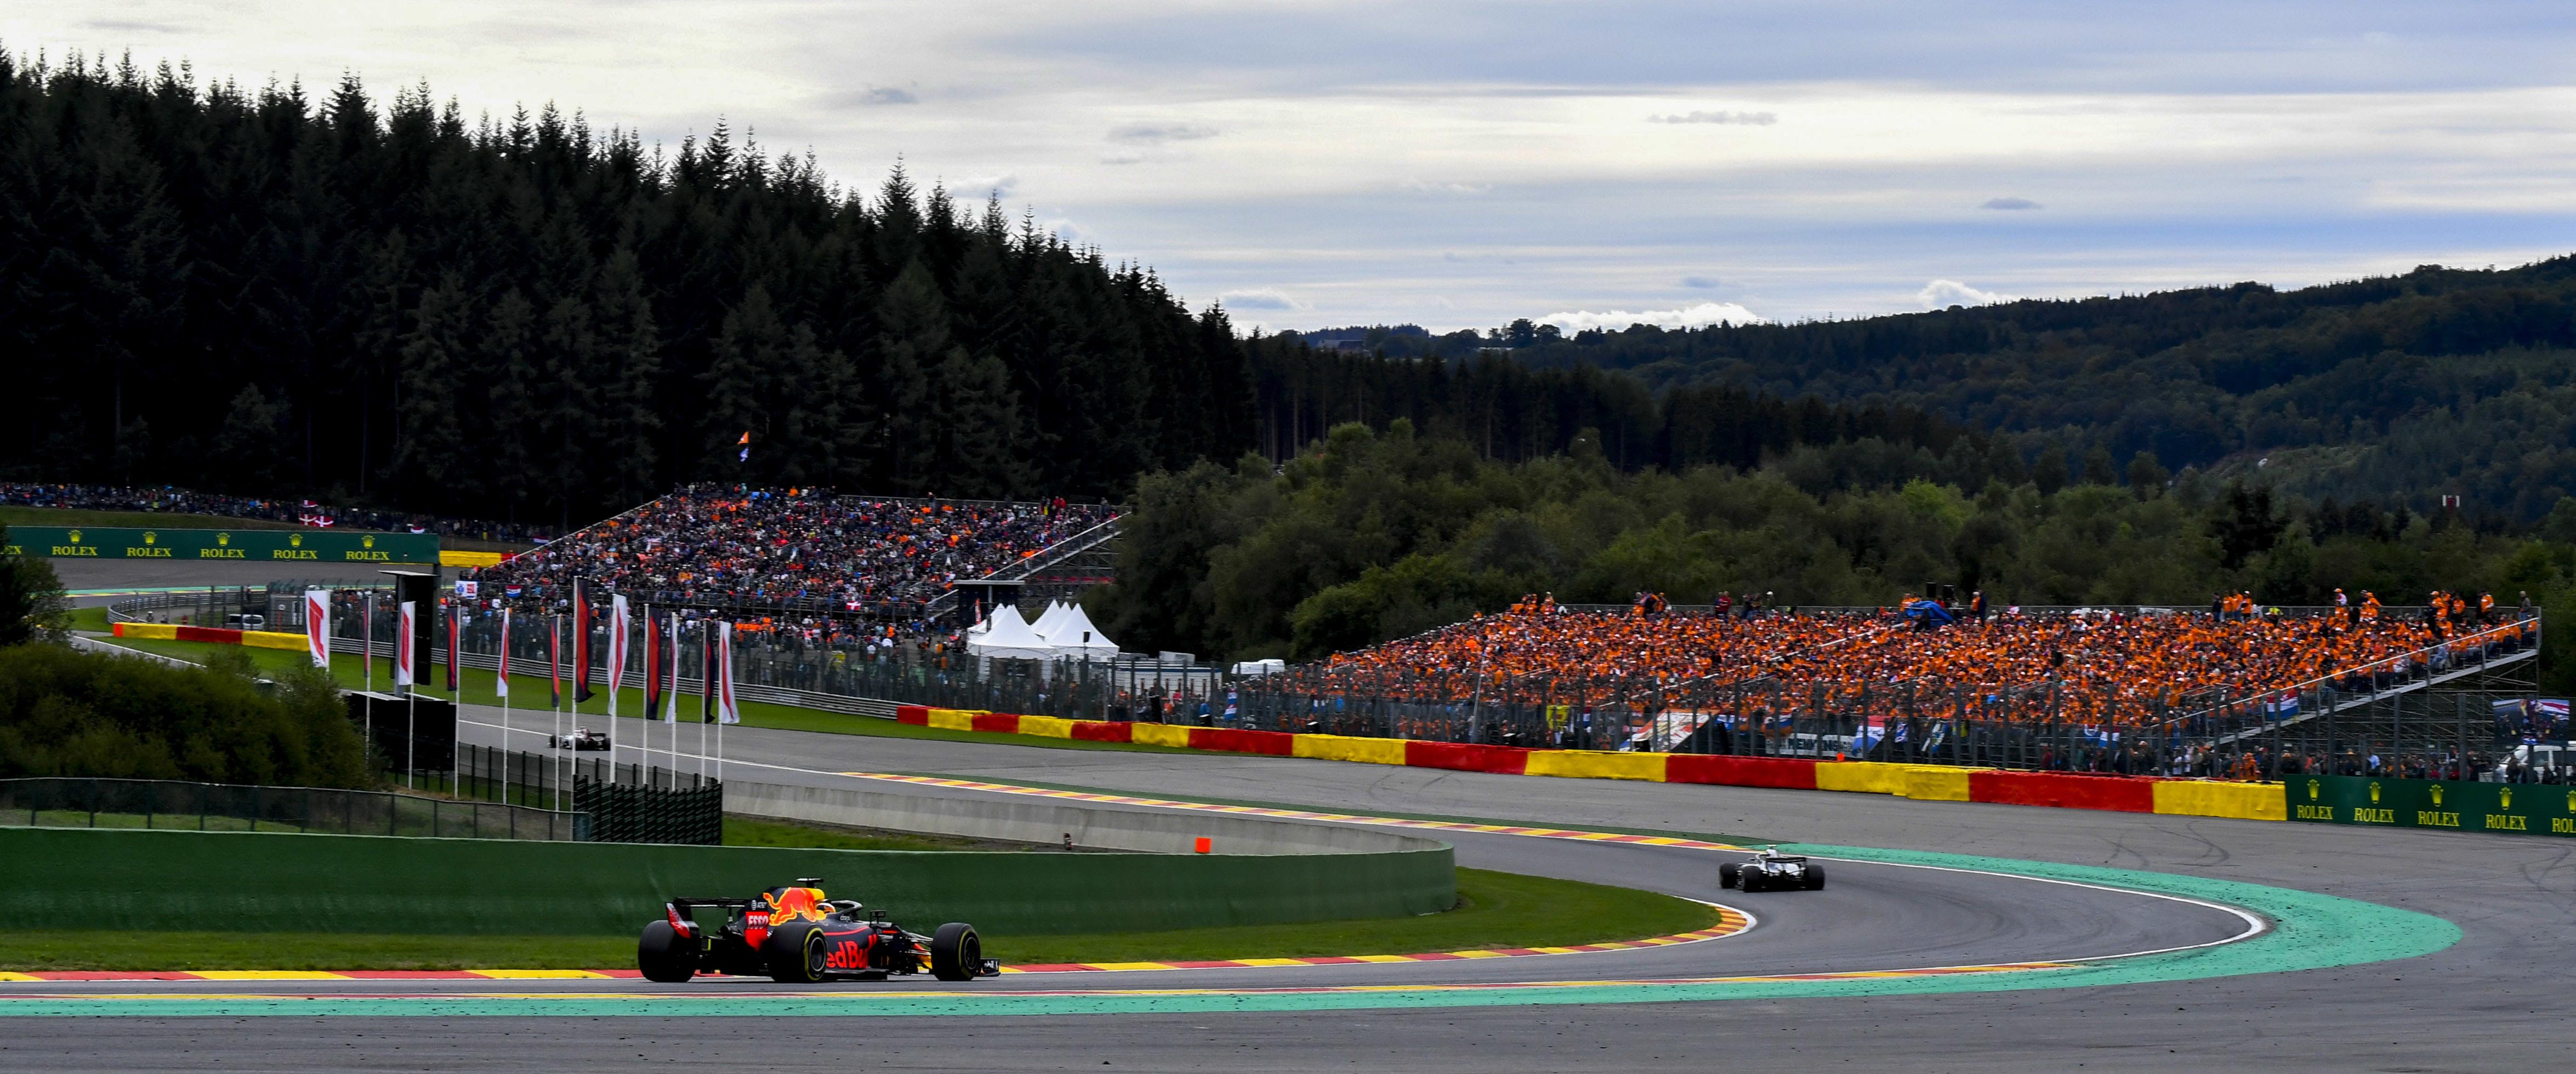 F1-GP Belgium 2019-2020